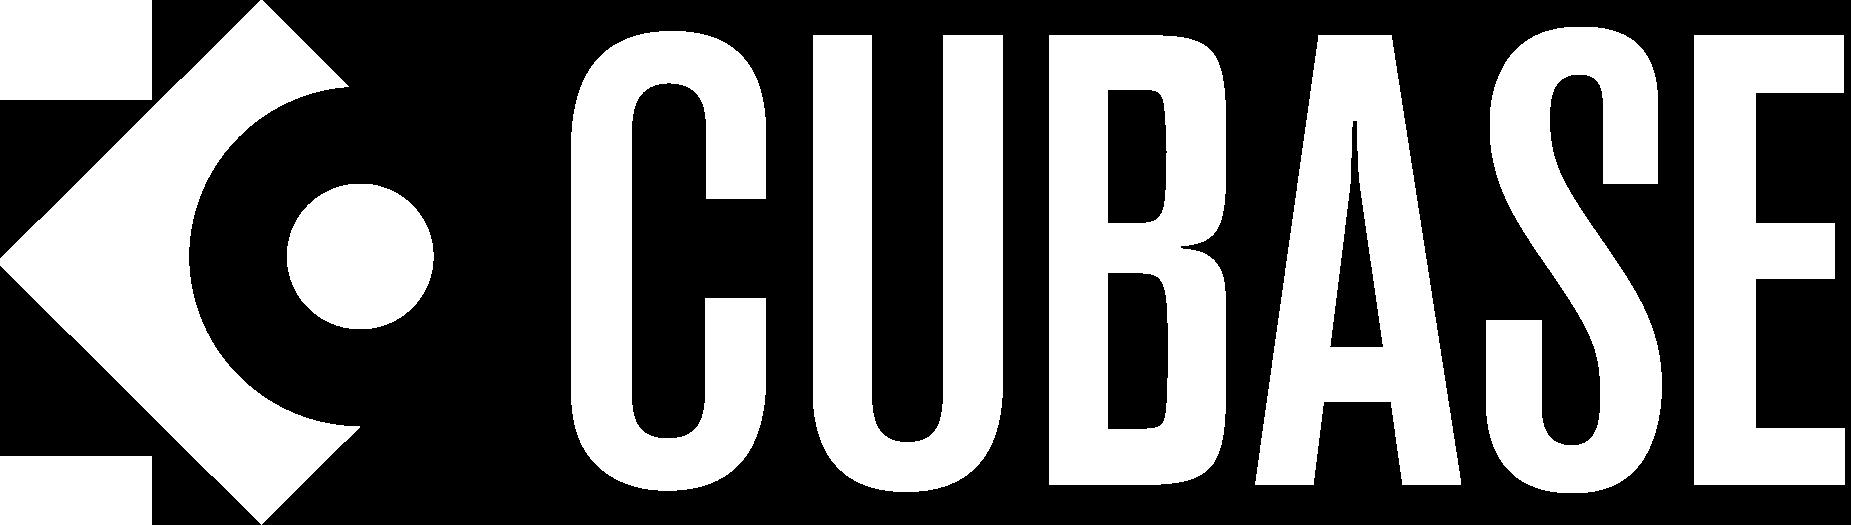 音楽制作ソフトウェア cubase steinberg